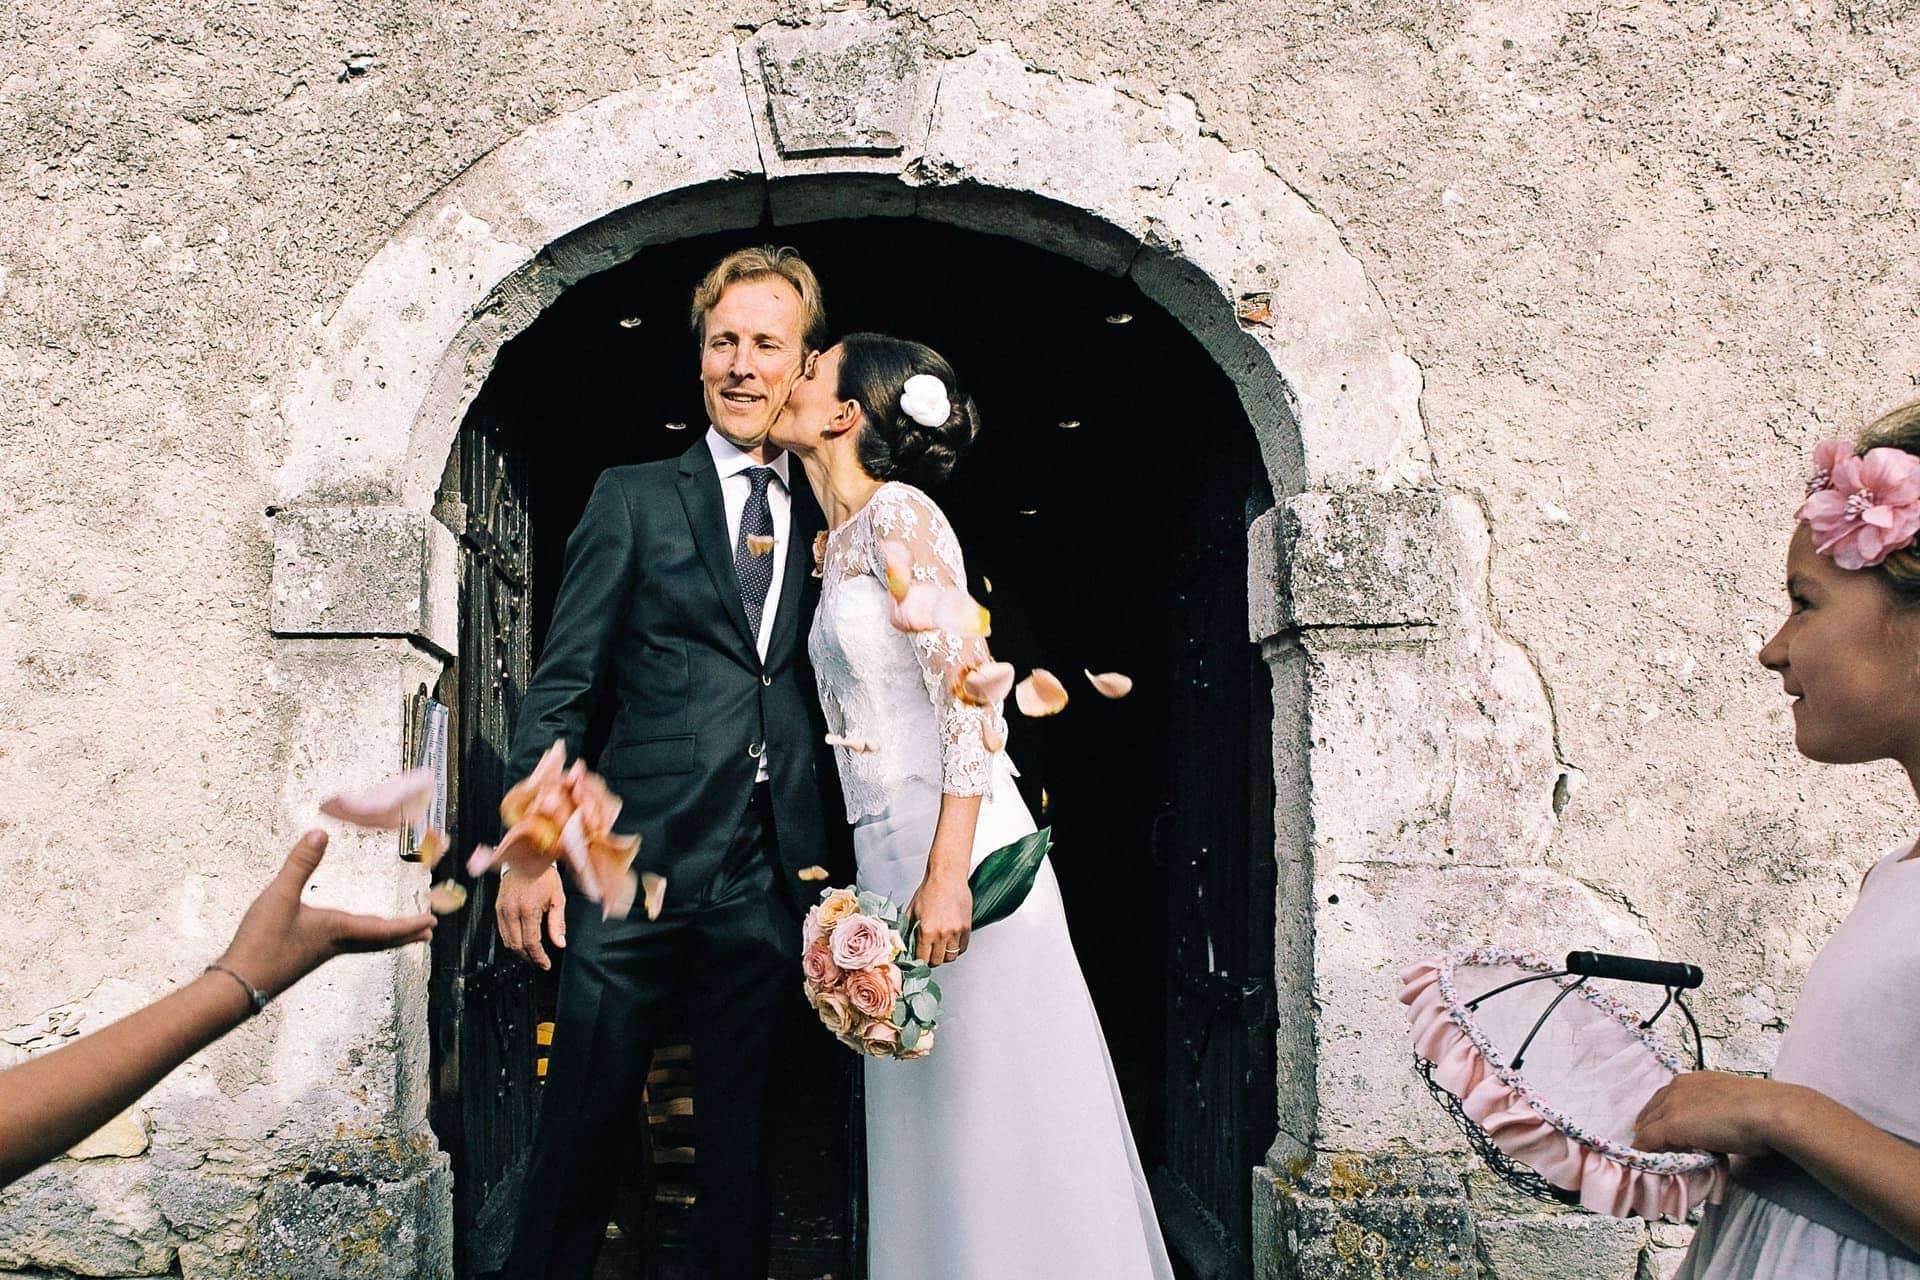 Sortie de l'église en dordogne Ernestine et sa famille photographe de mariage à l'approche reportage